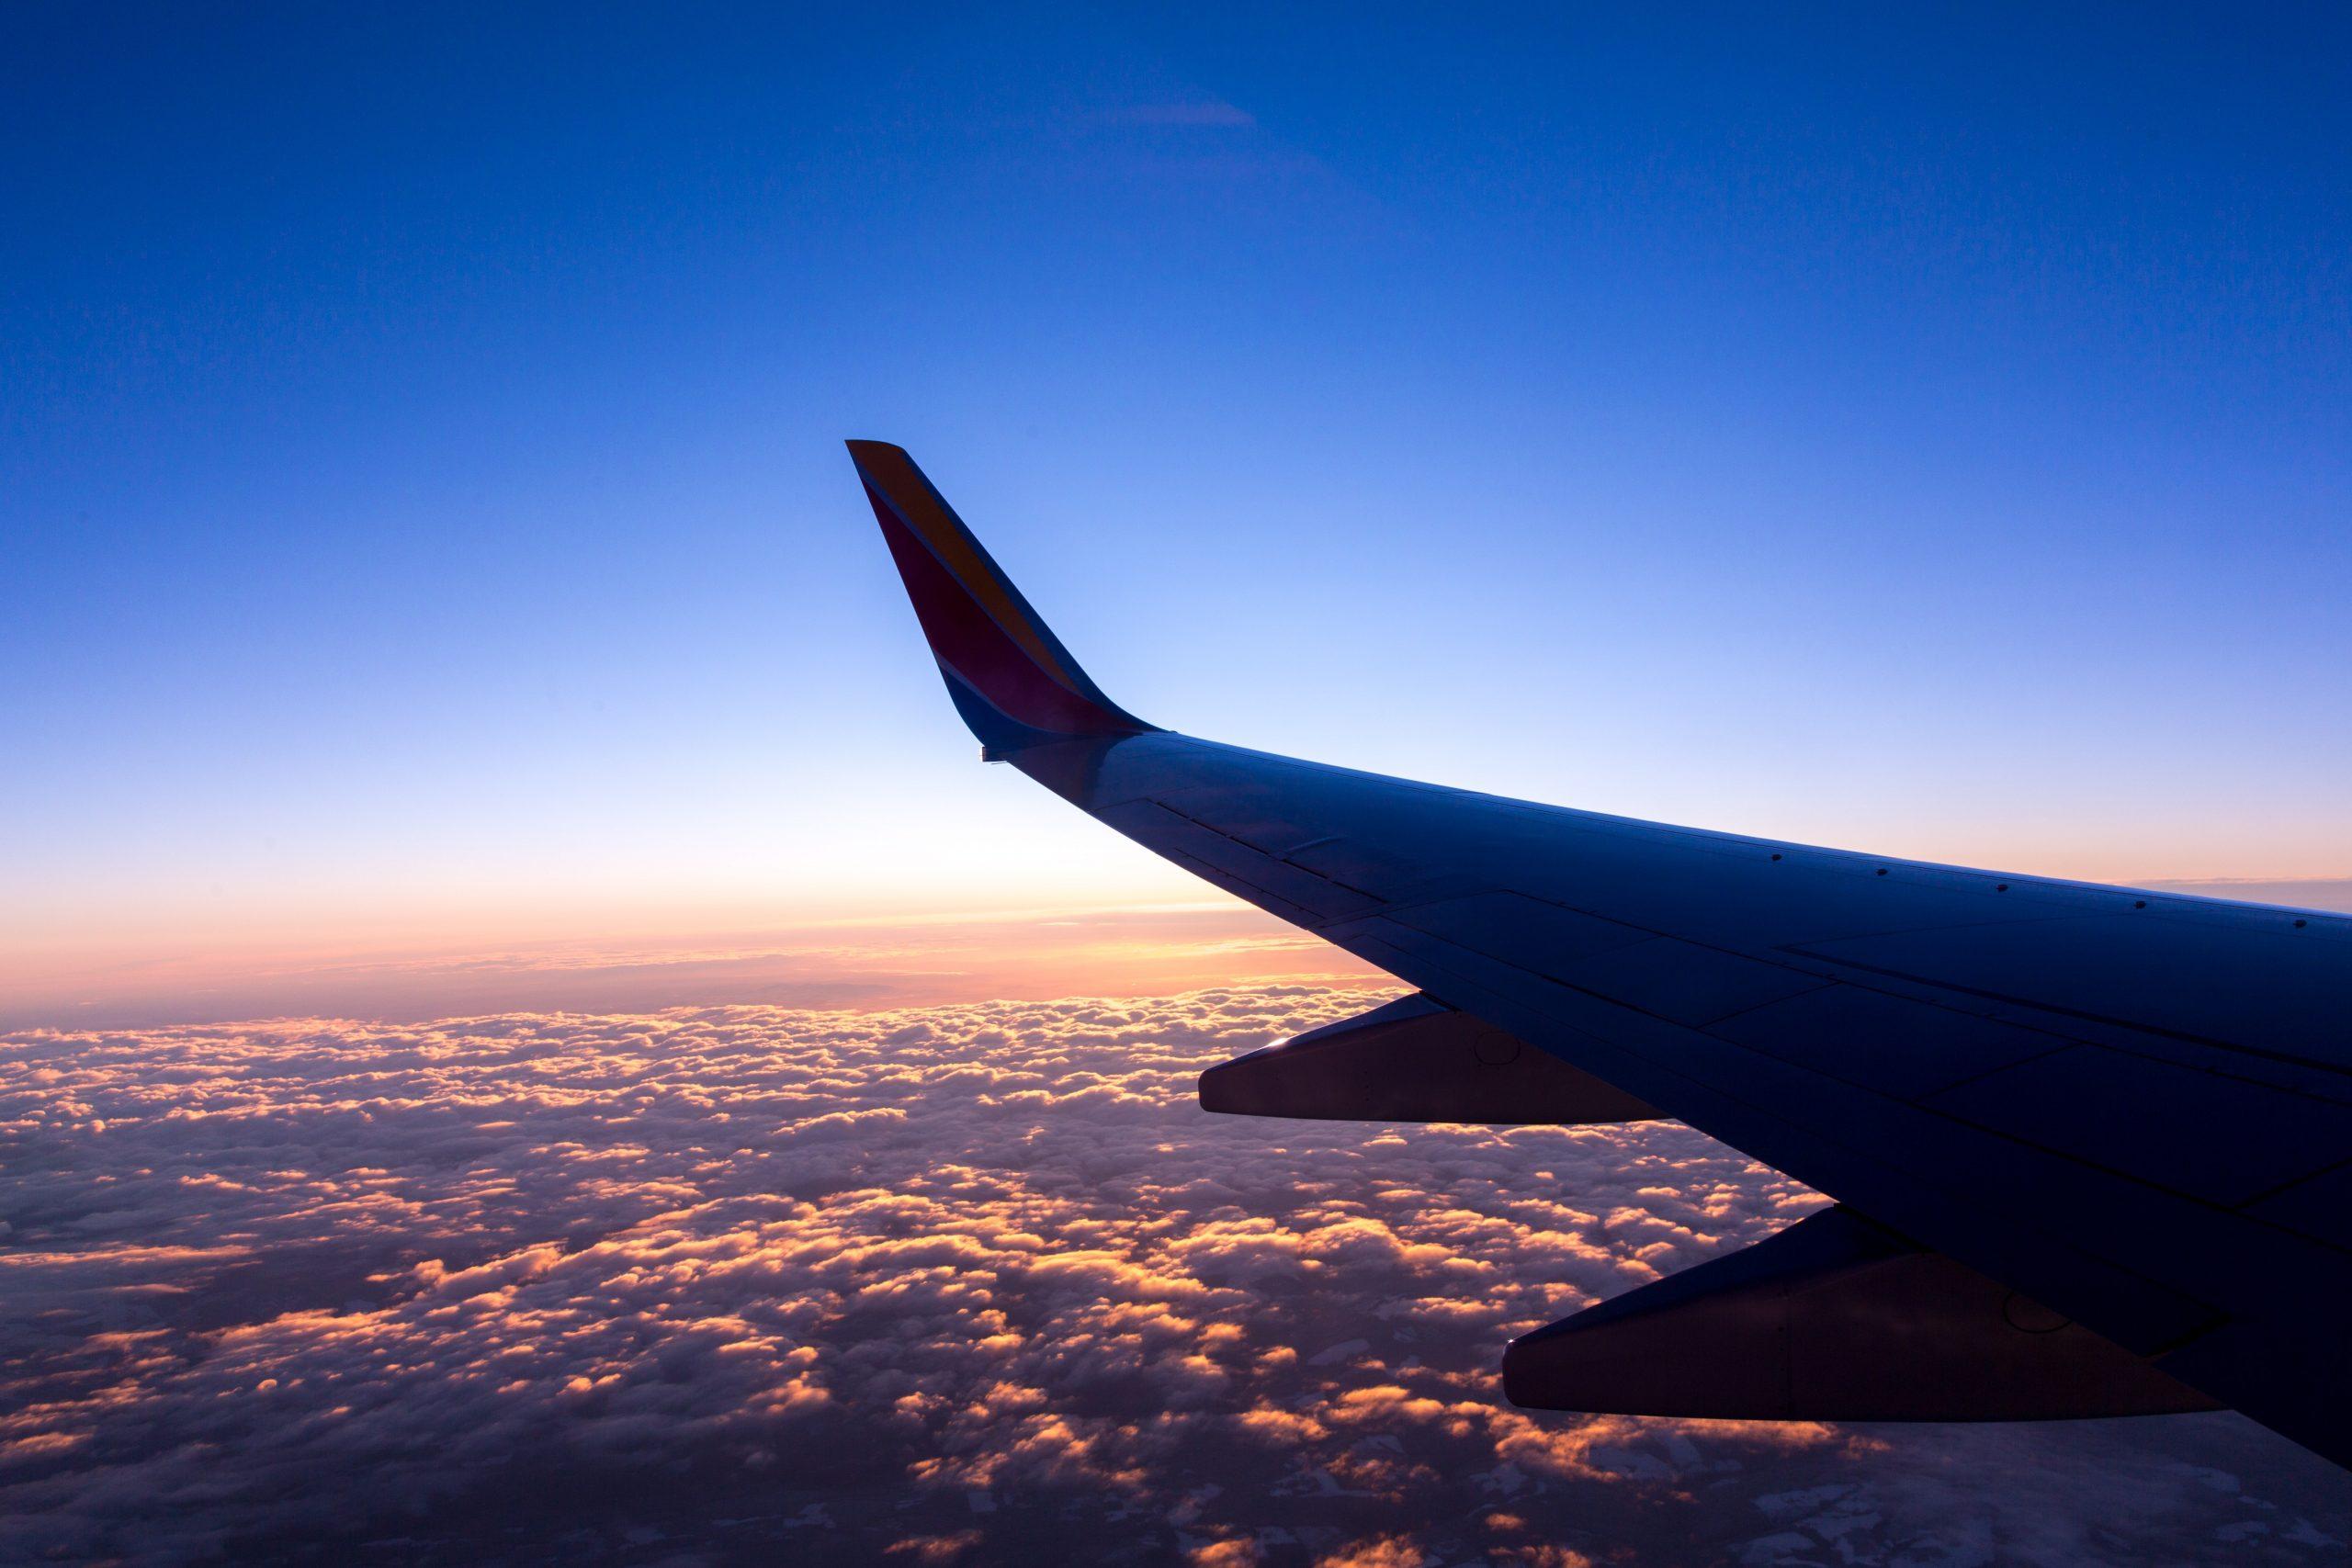 Fragen zum Flugzeug - Photo by Jason Leung